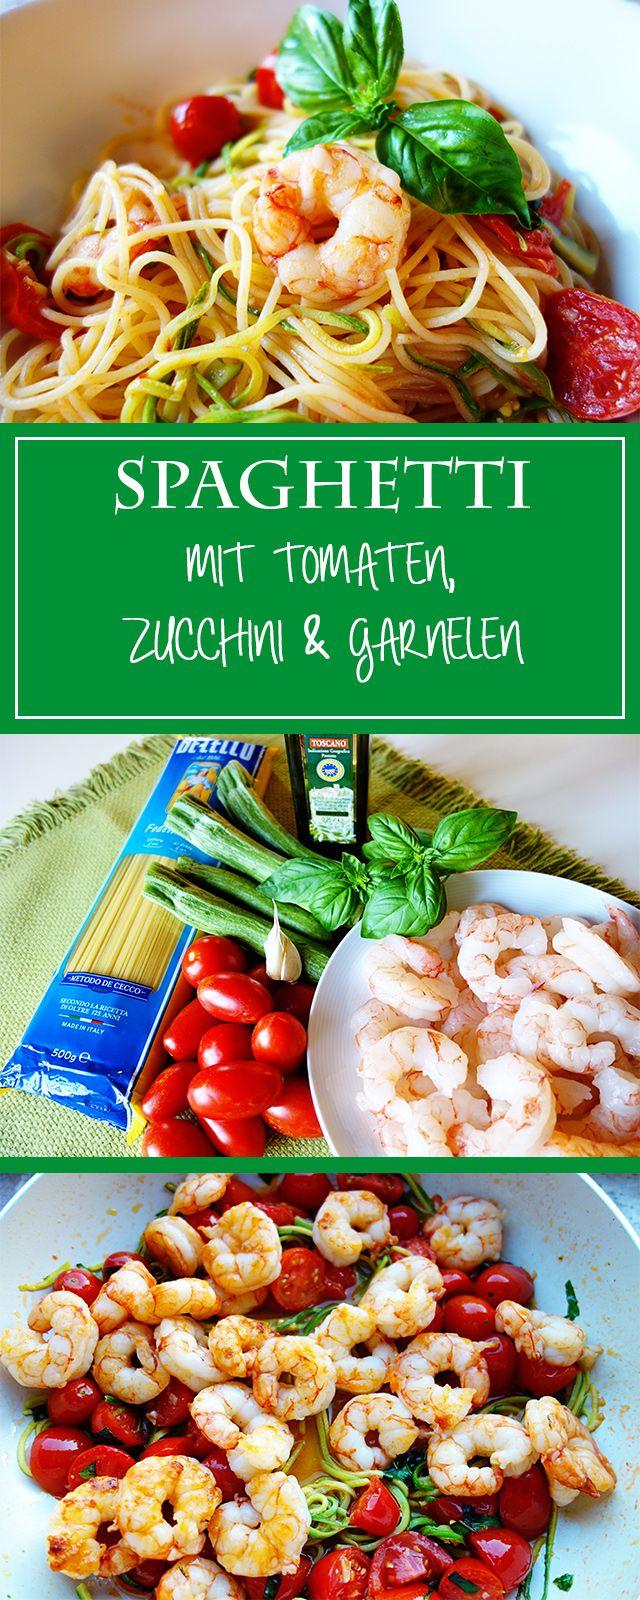 Zucchini-Tomaten-Pasta mit Garnelen - ein leichtes, gesundes & schnelles Pastarezept für den Sommer! Sooo herzhaft & gemüsig  | cucina-con-amore.de